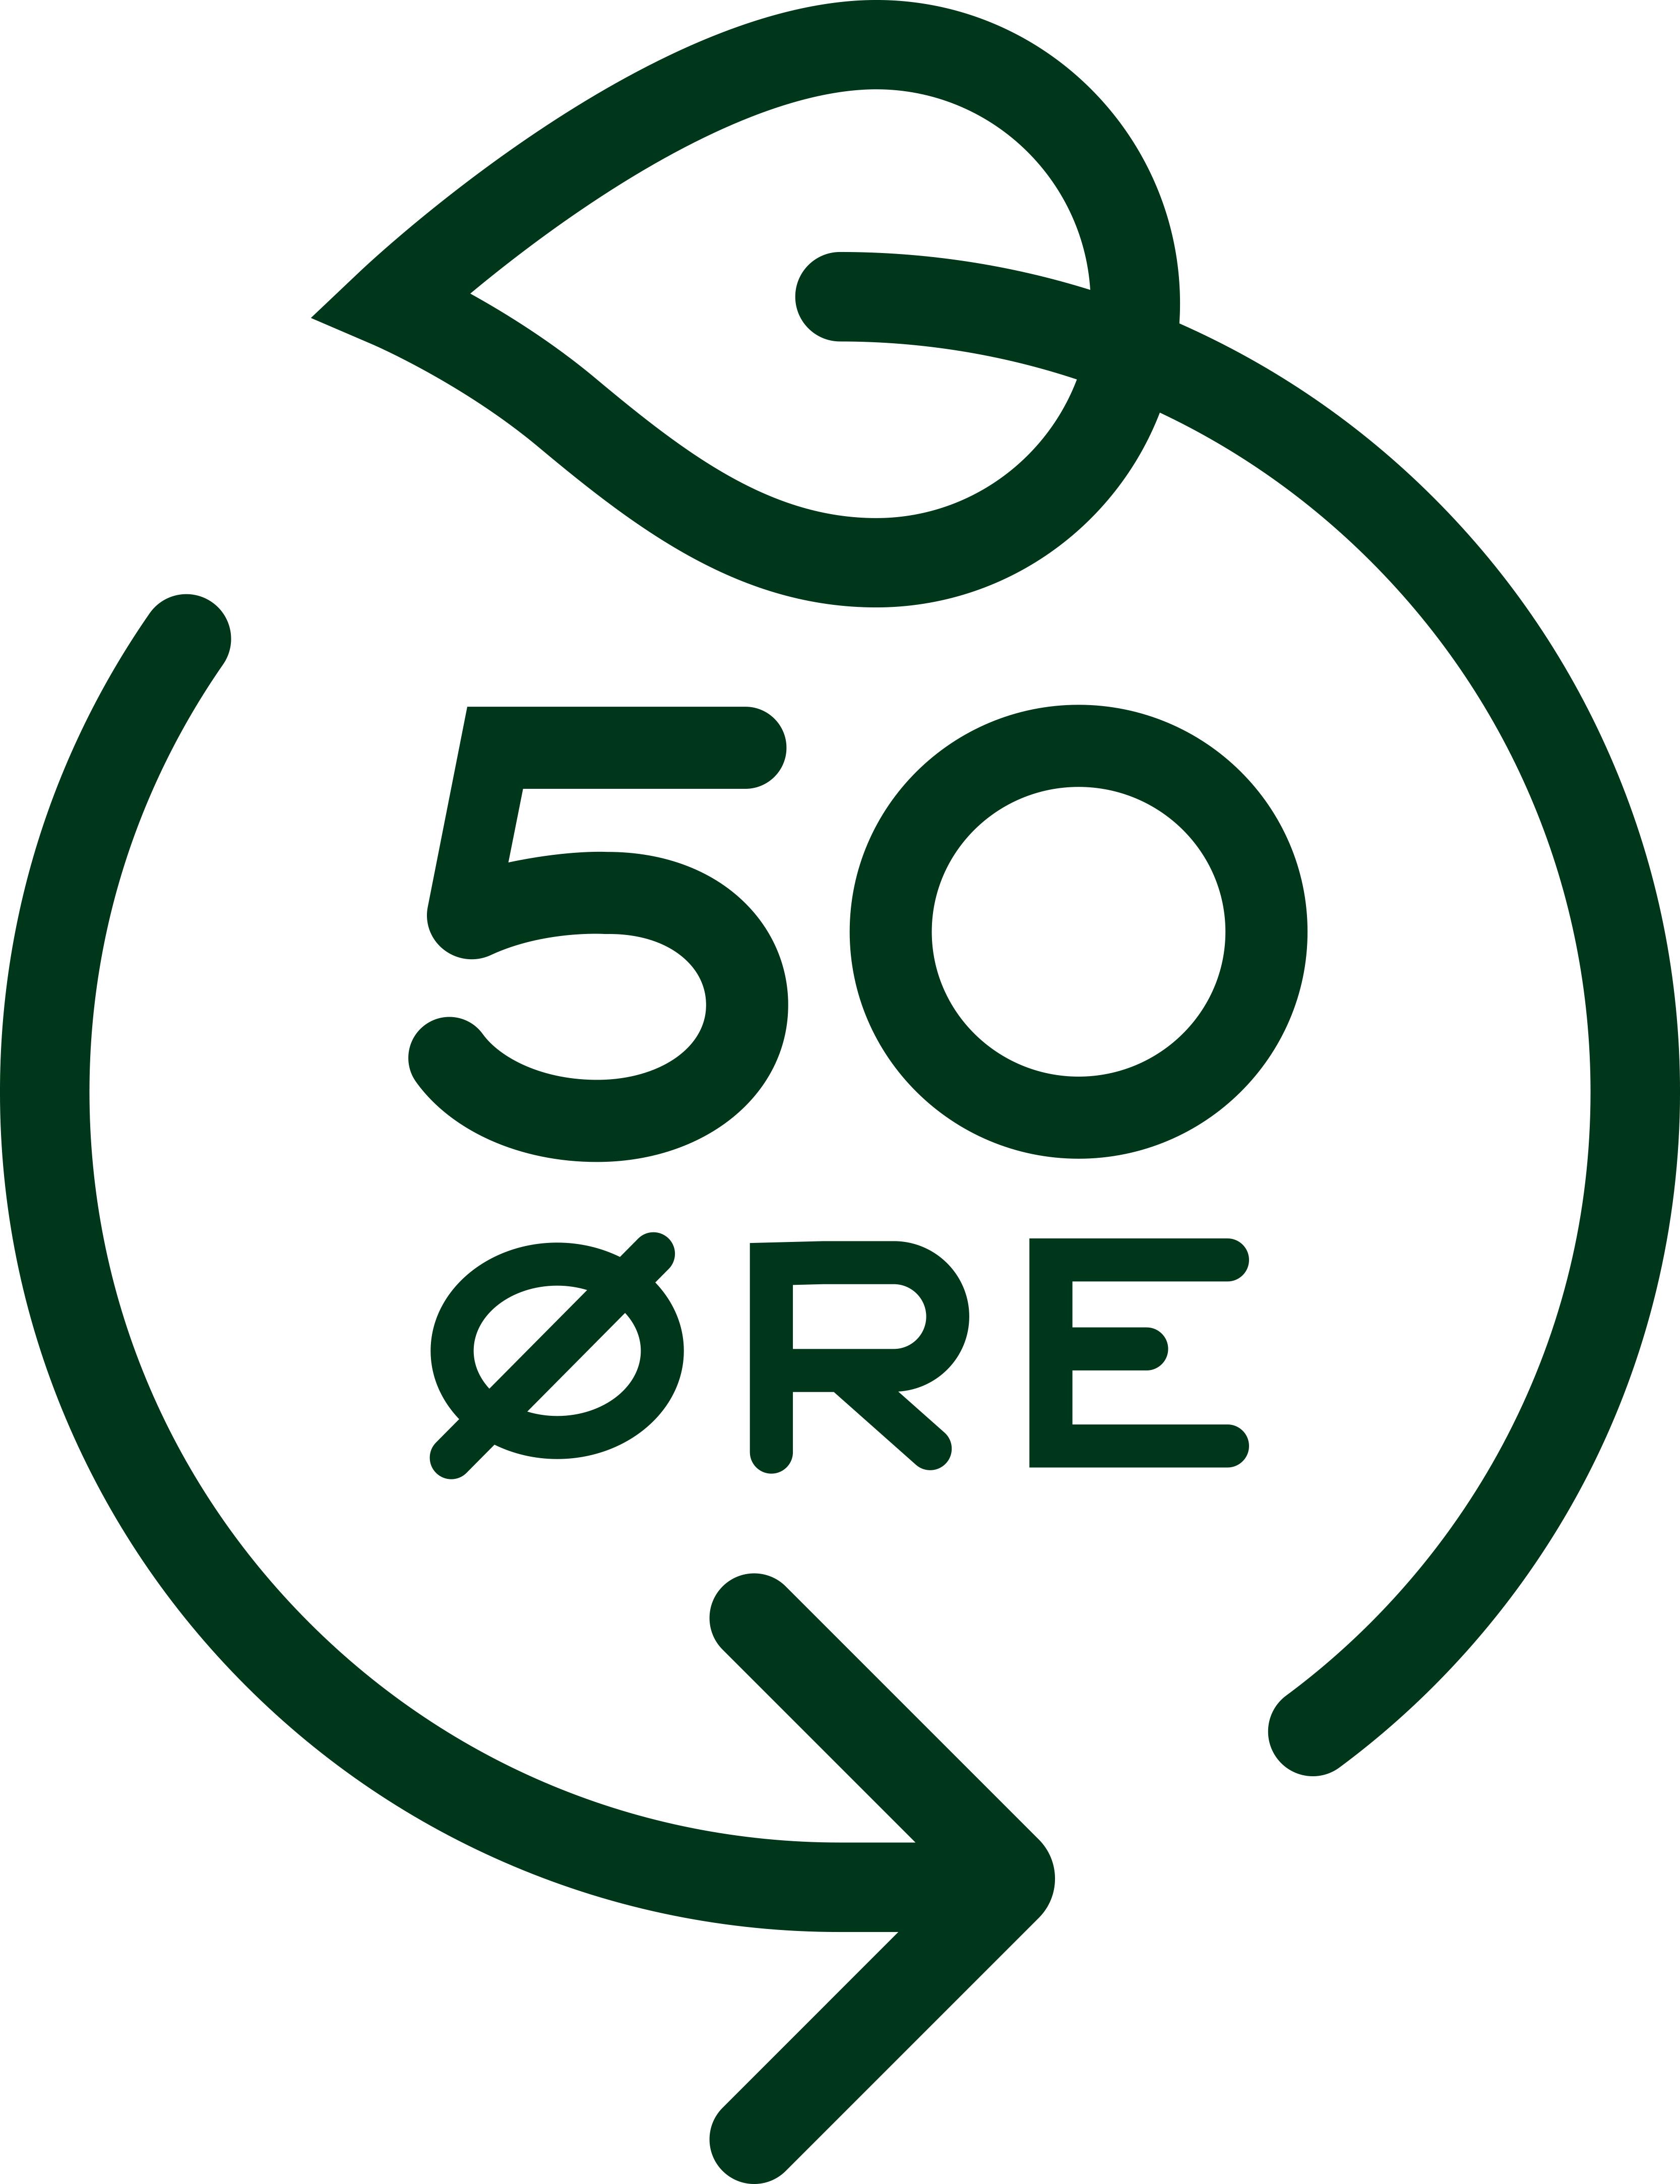 50 øre til plast- og miljøtiltak